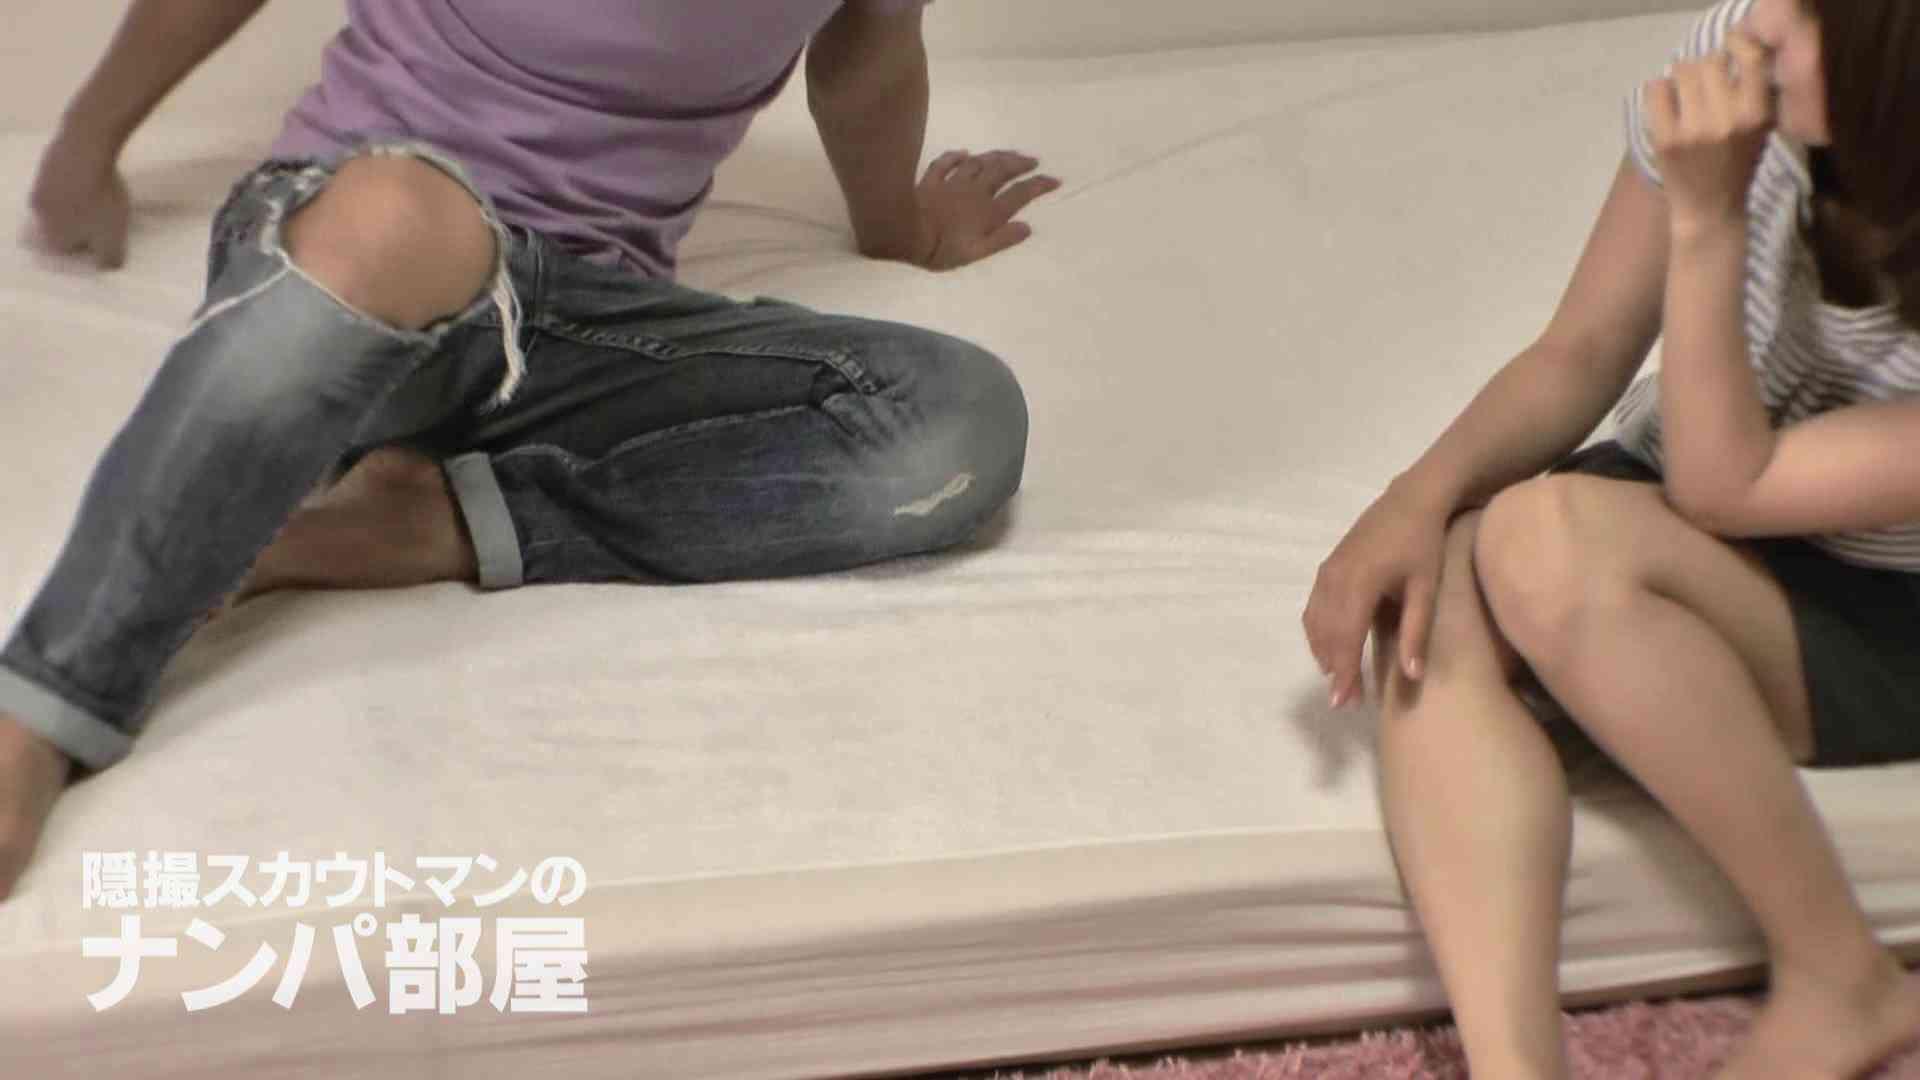 隠撮スカウトマンのナンパ部屋~風俗デビュー前のつまみ食い~ siivol.3 SEX | 隠撮  76pic 29